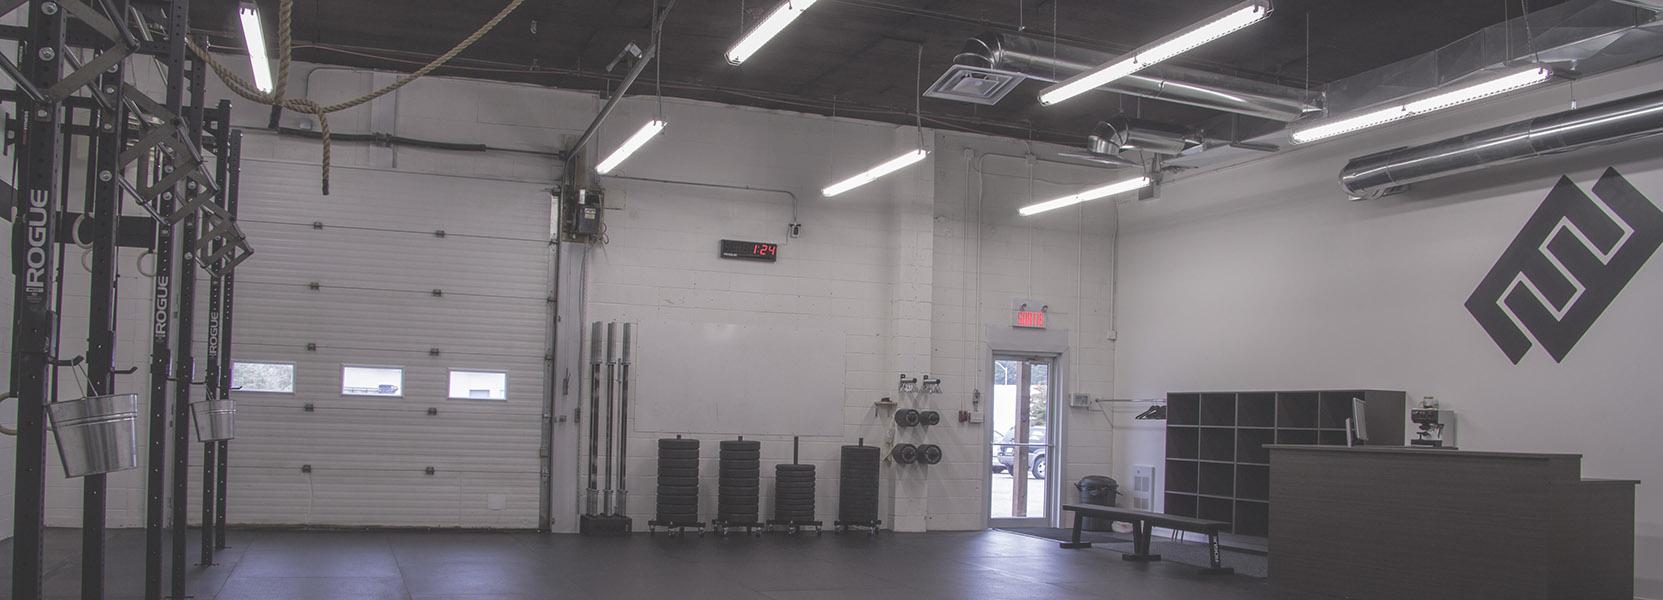 Gym 24h